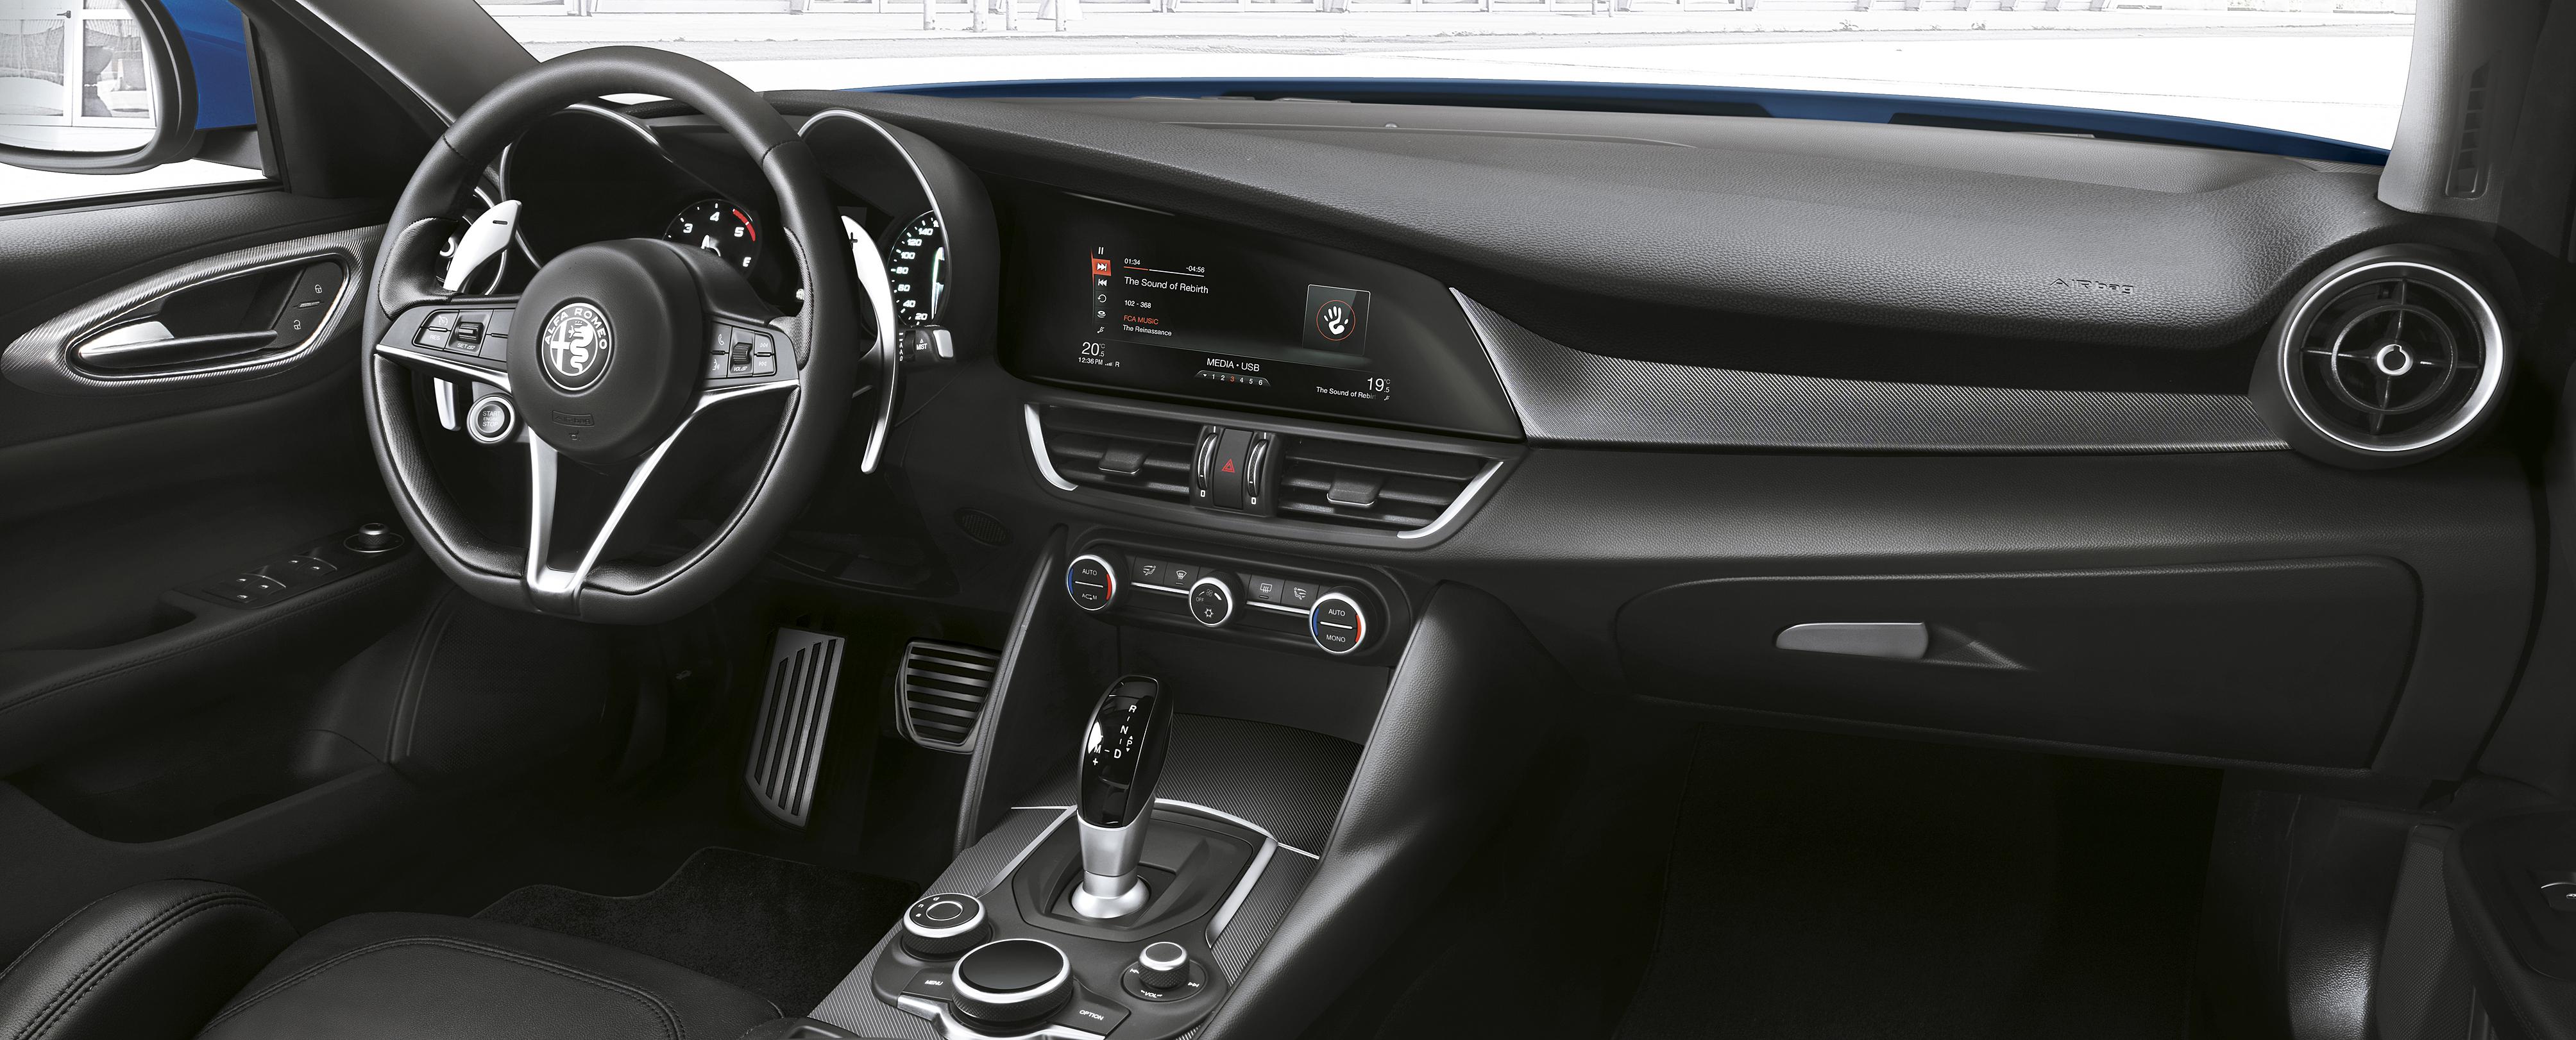 Alfa-Romeo Giulia: interni